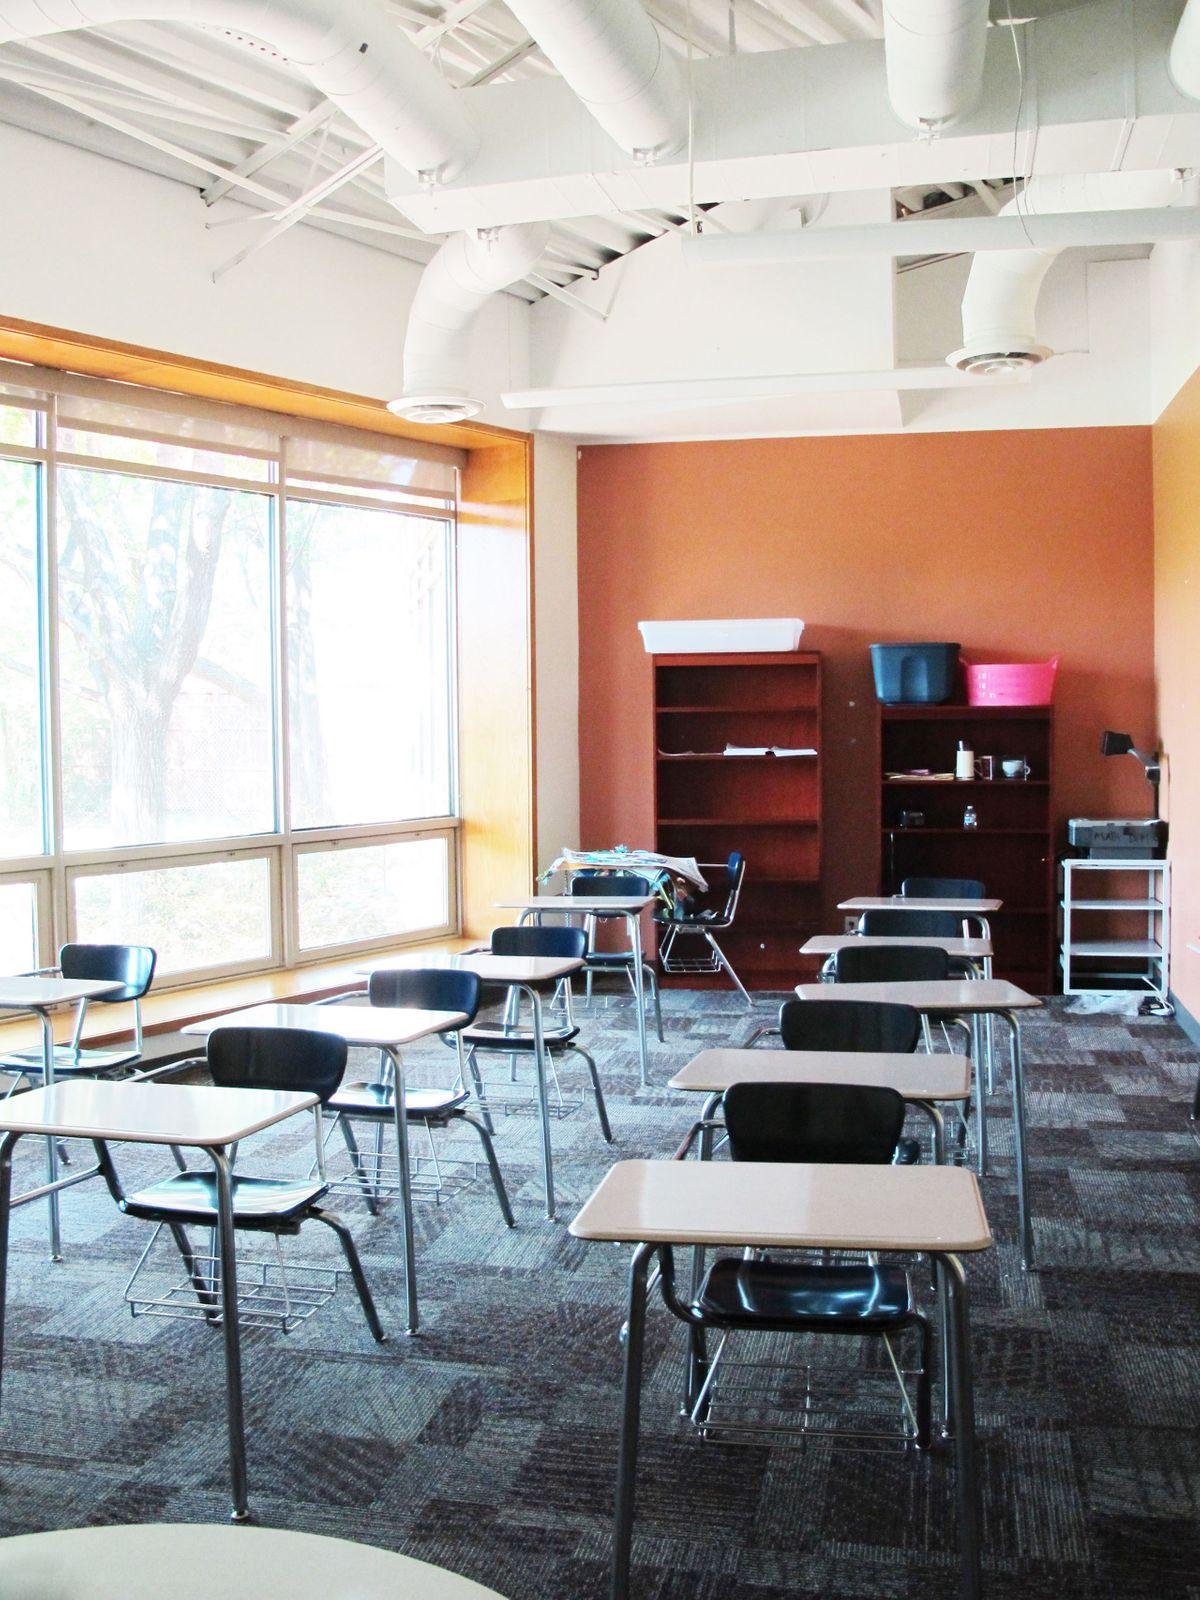 ESD School Photo Video Shoot Location Dallas